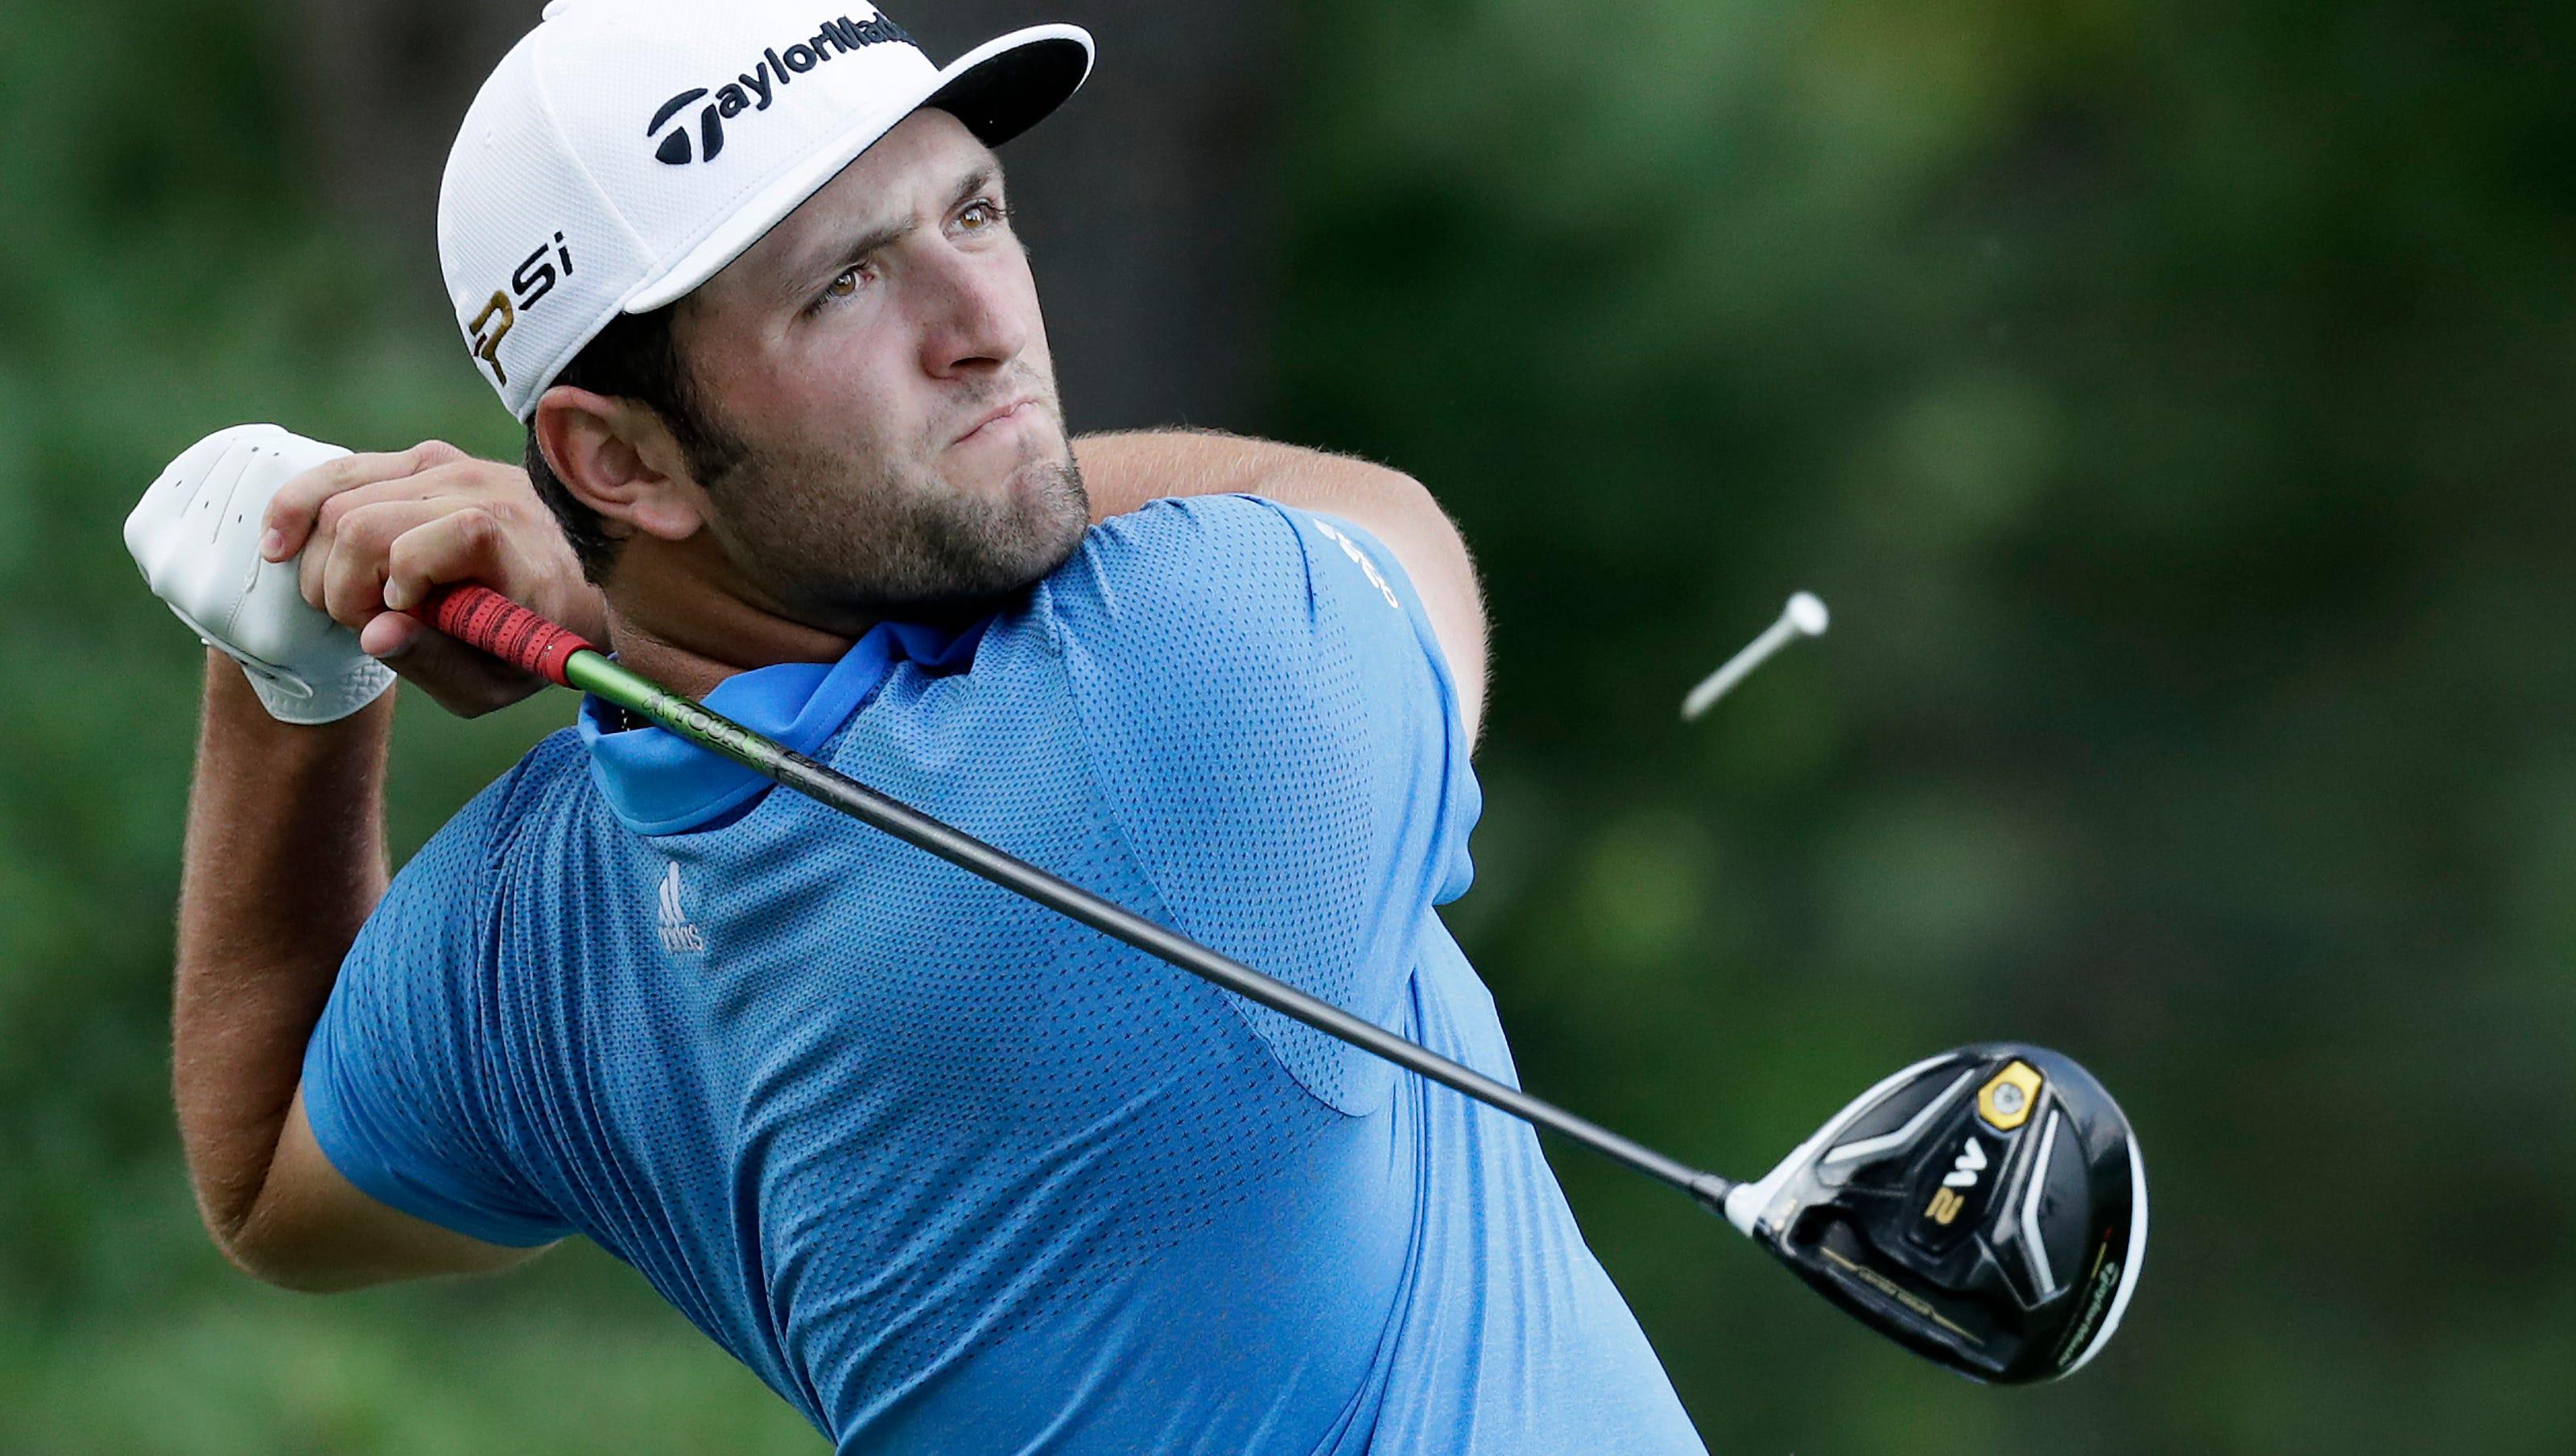 Amigos de Jon Rahm es una web creada por los amigos de Johm Rahm y dedicada a su carrera en el deporte del golf videos noticias torneos peña amigos